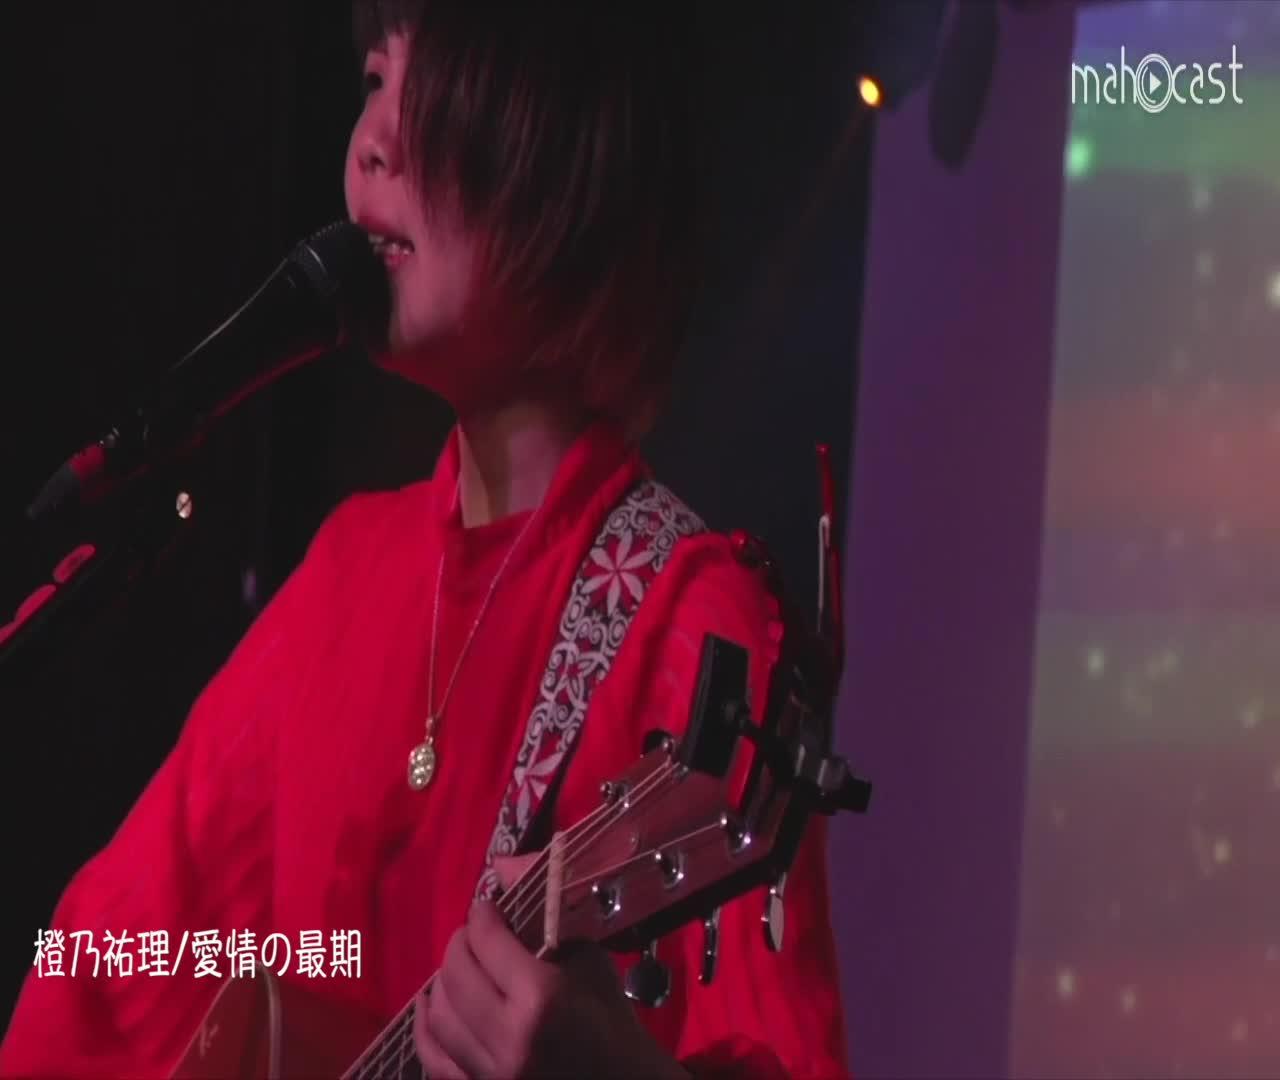 橙乃祐理/愛情の最期